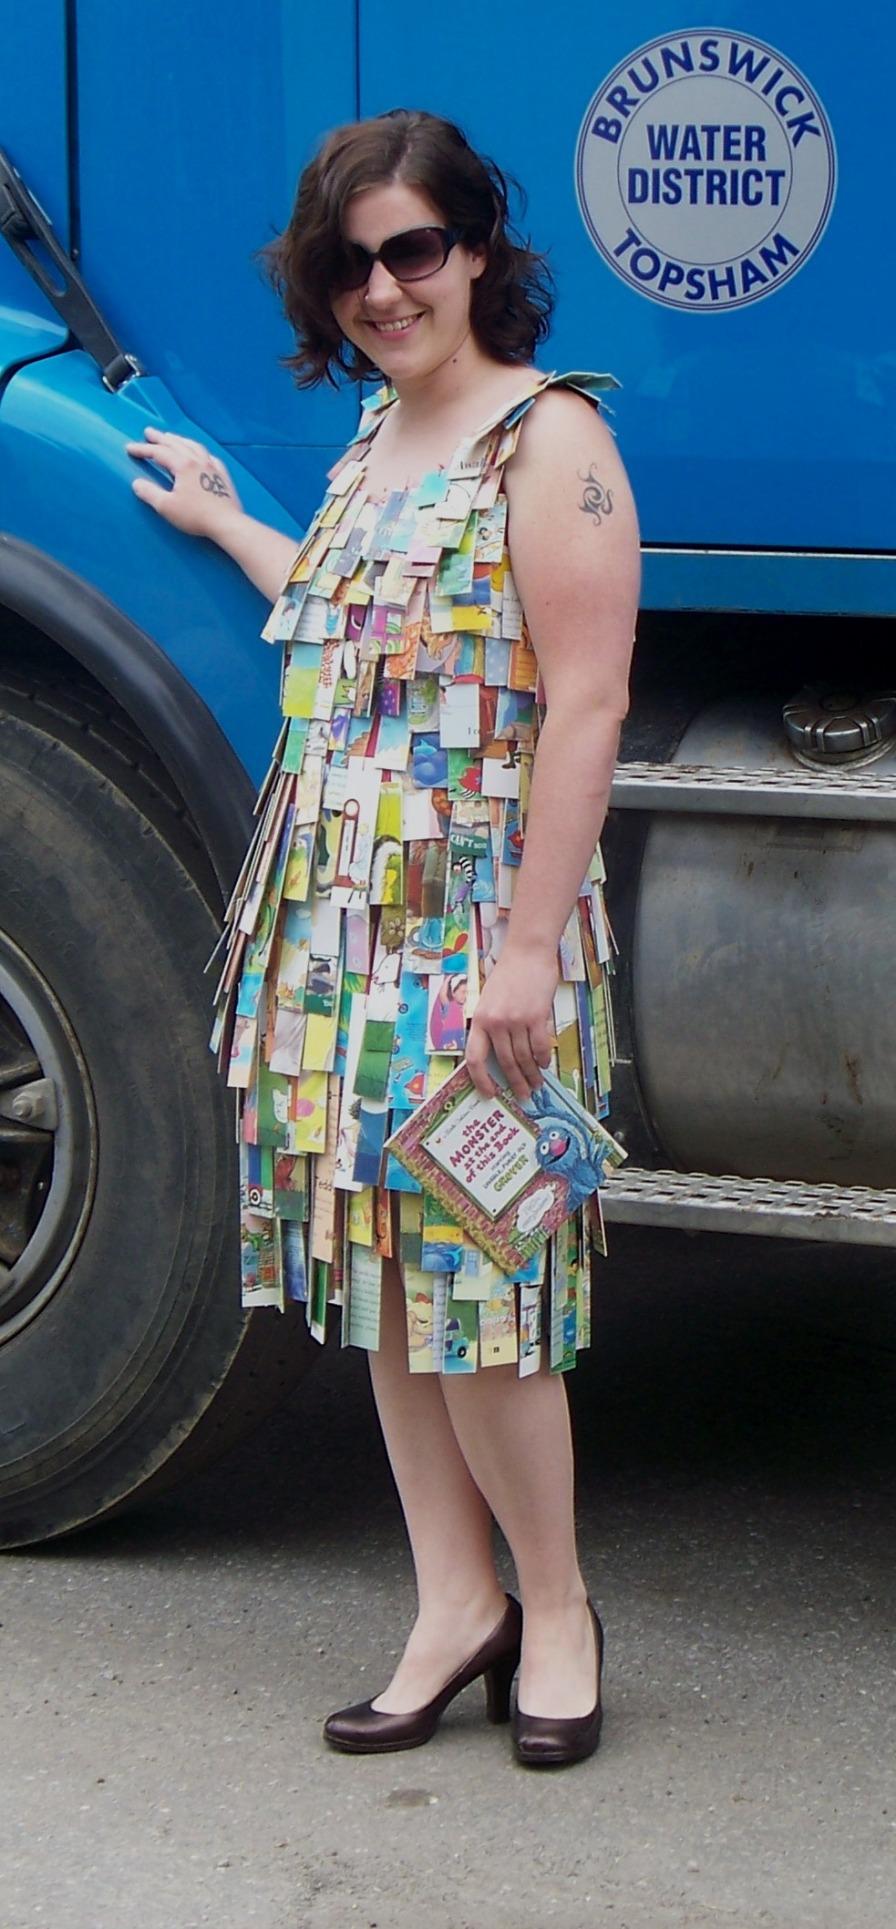 Julia Gleason wears A Dress Book, an altered book form.